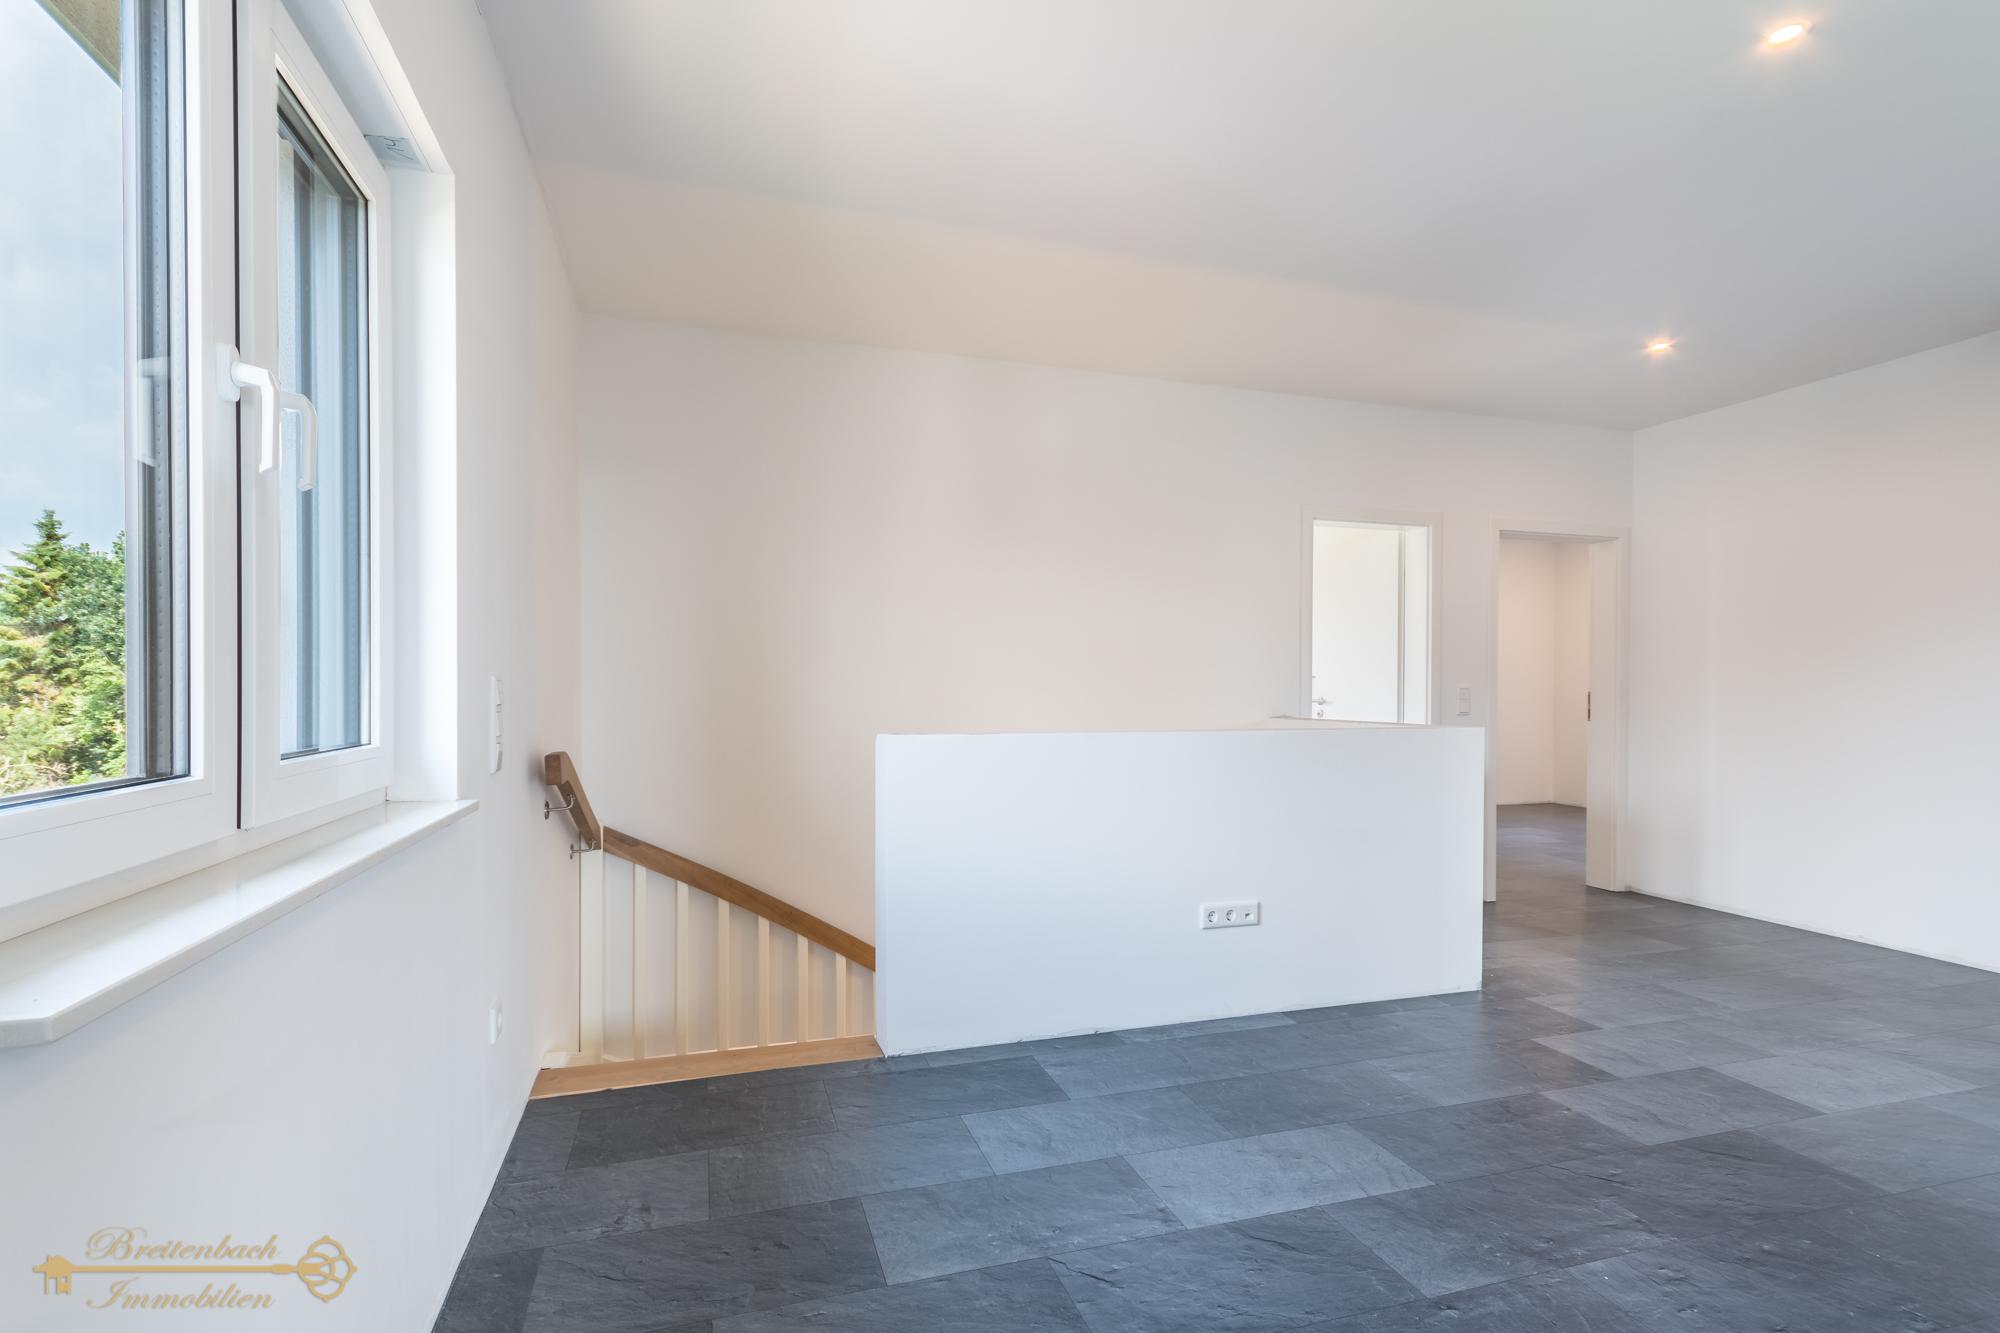 2020-07-03-Breitenbach-Immobilien-30